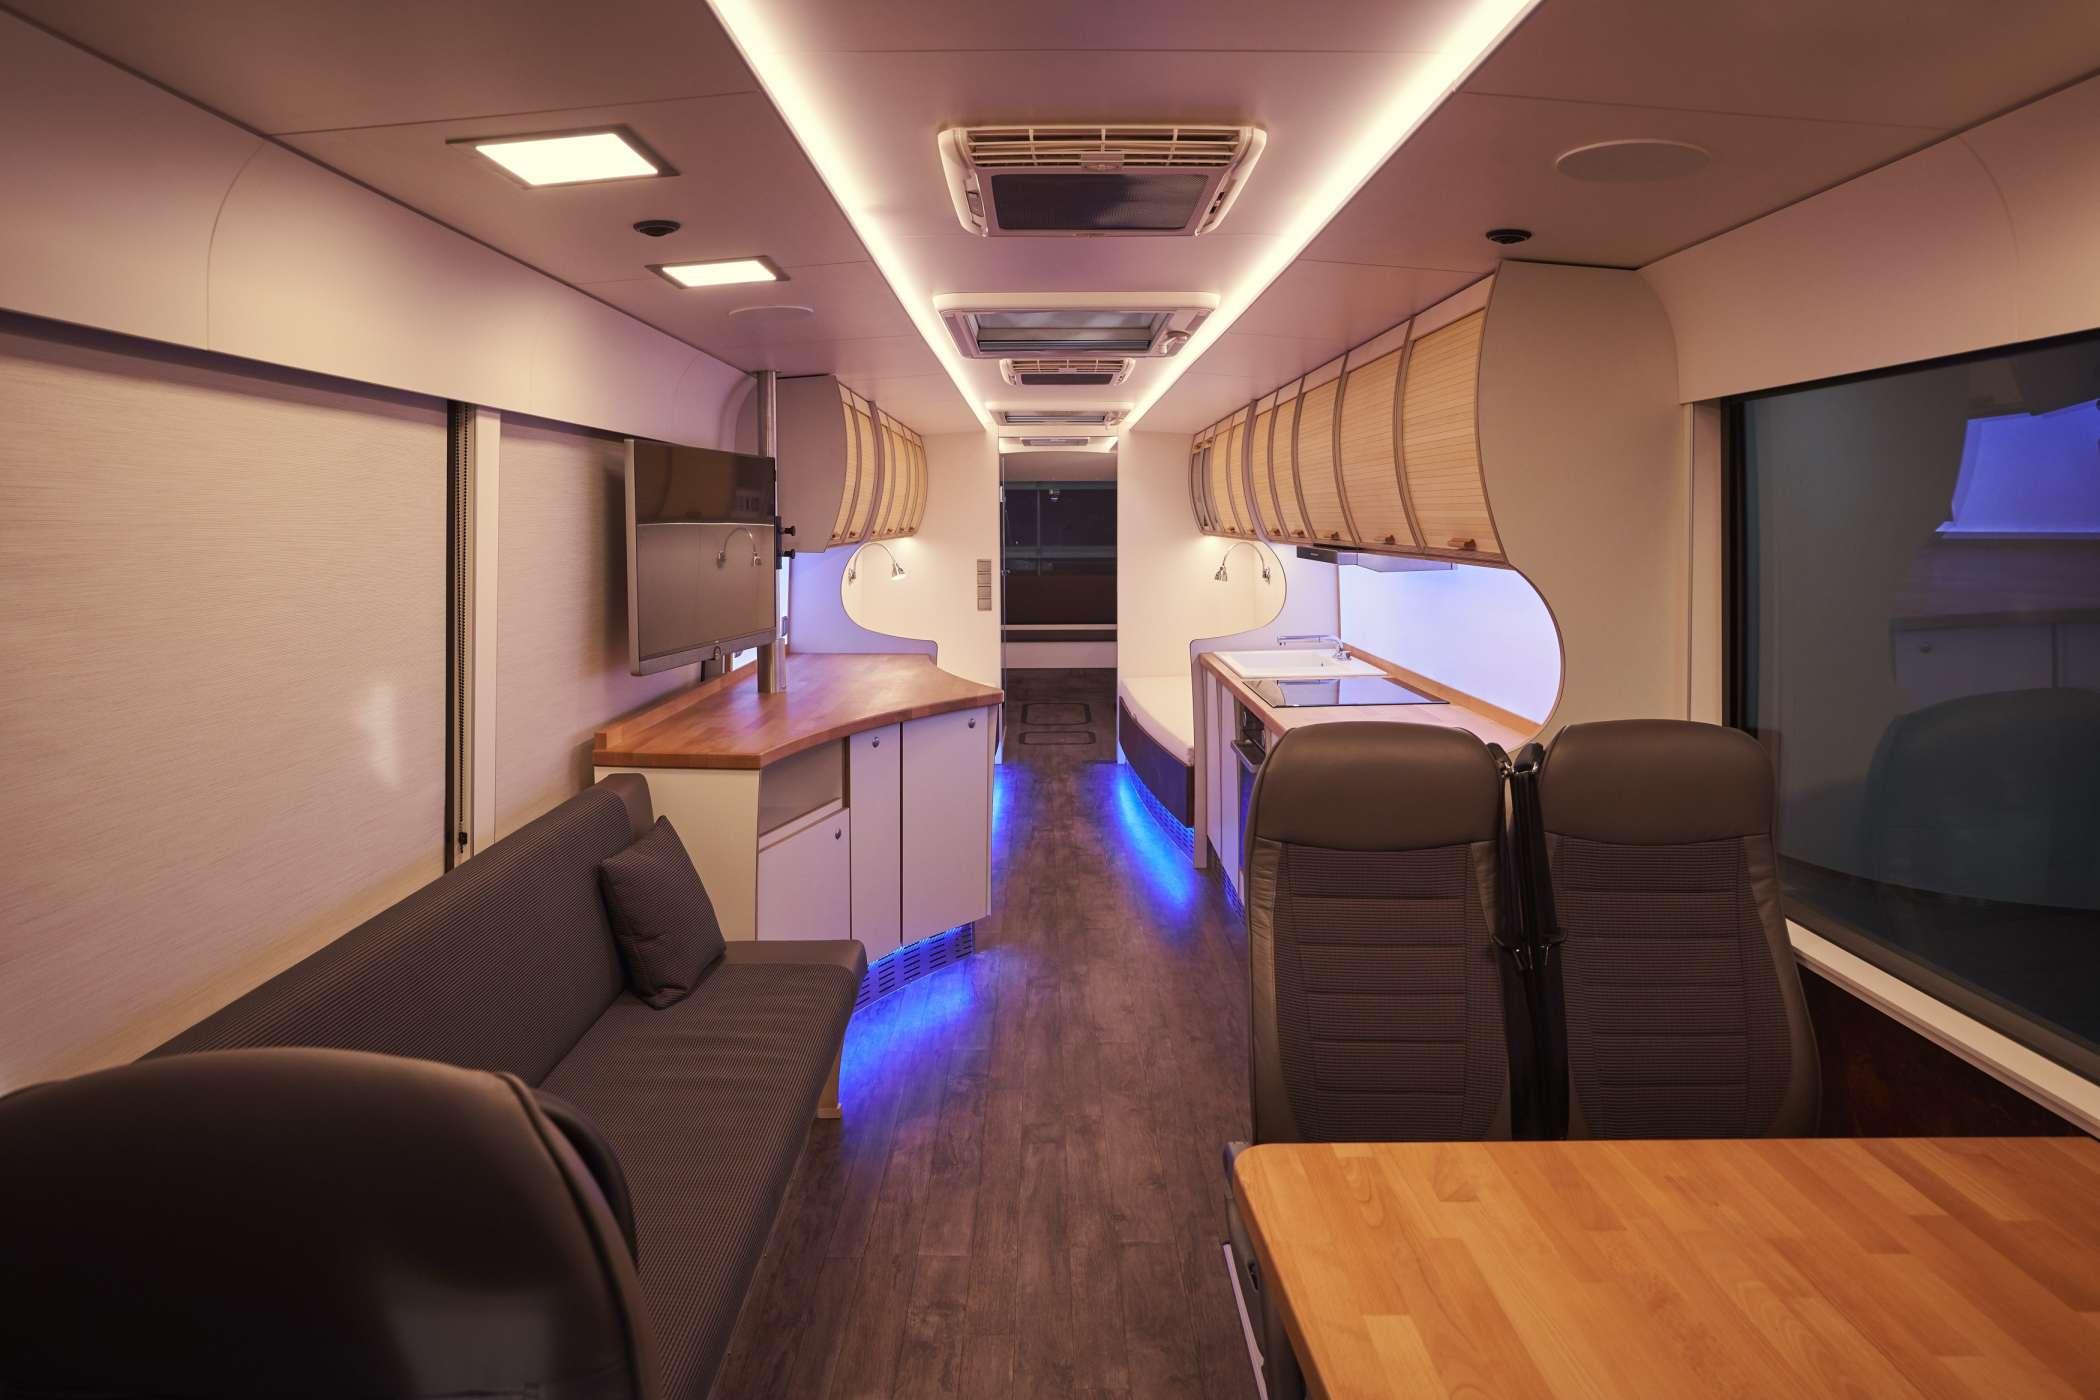 Reisebus wird zum Luxus-Wohnmobil - Reisebusse (wie Doppeldecker